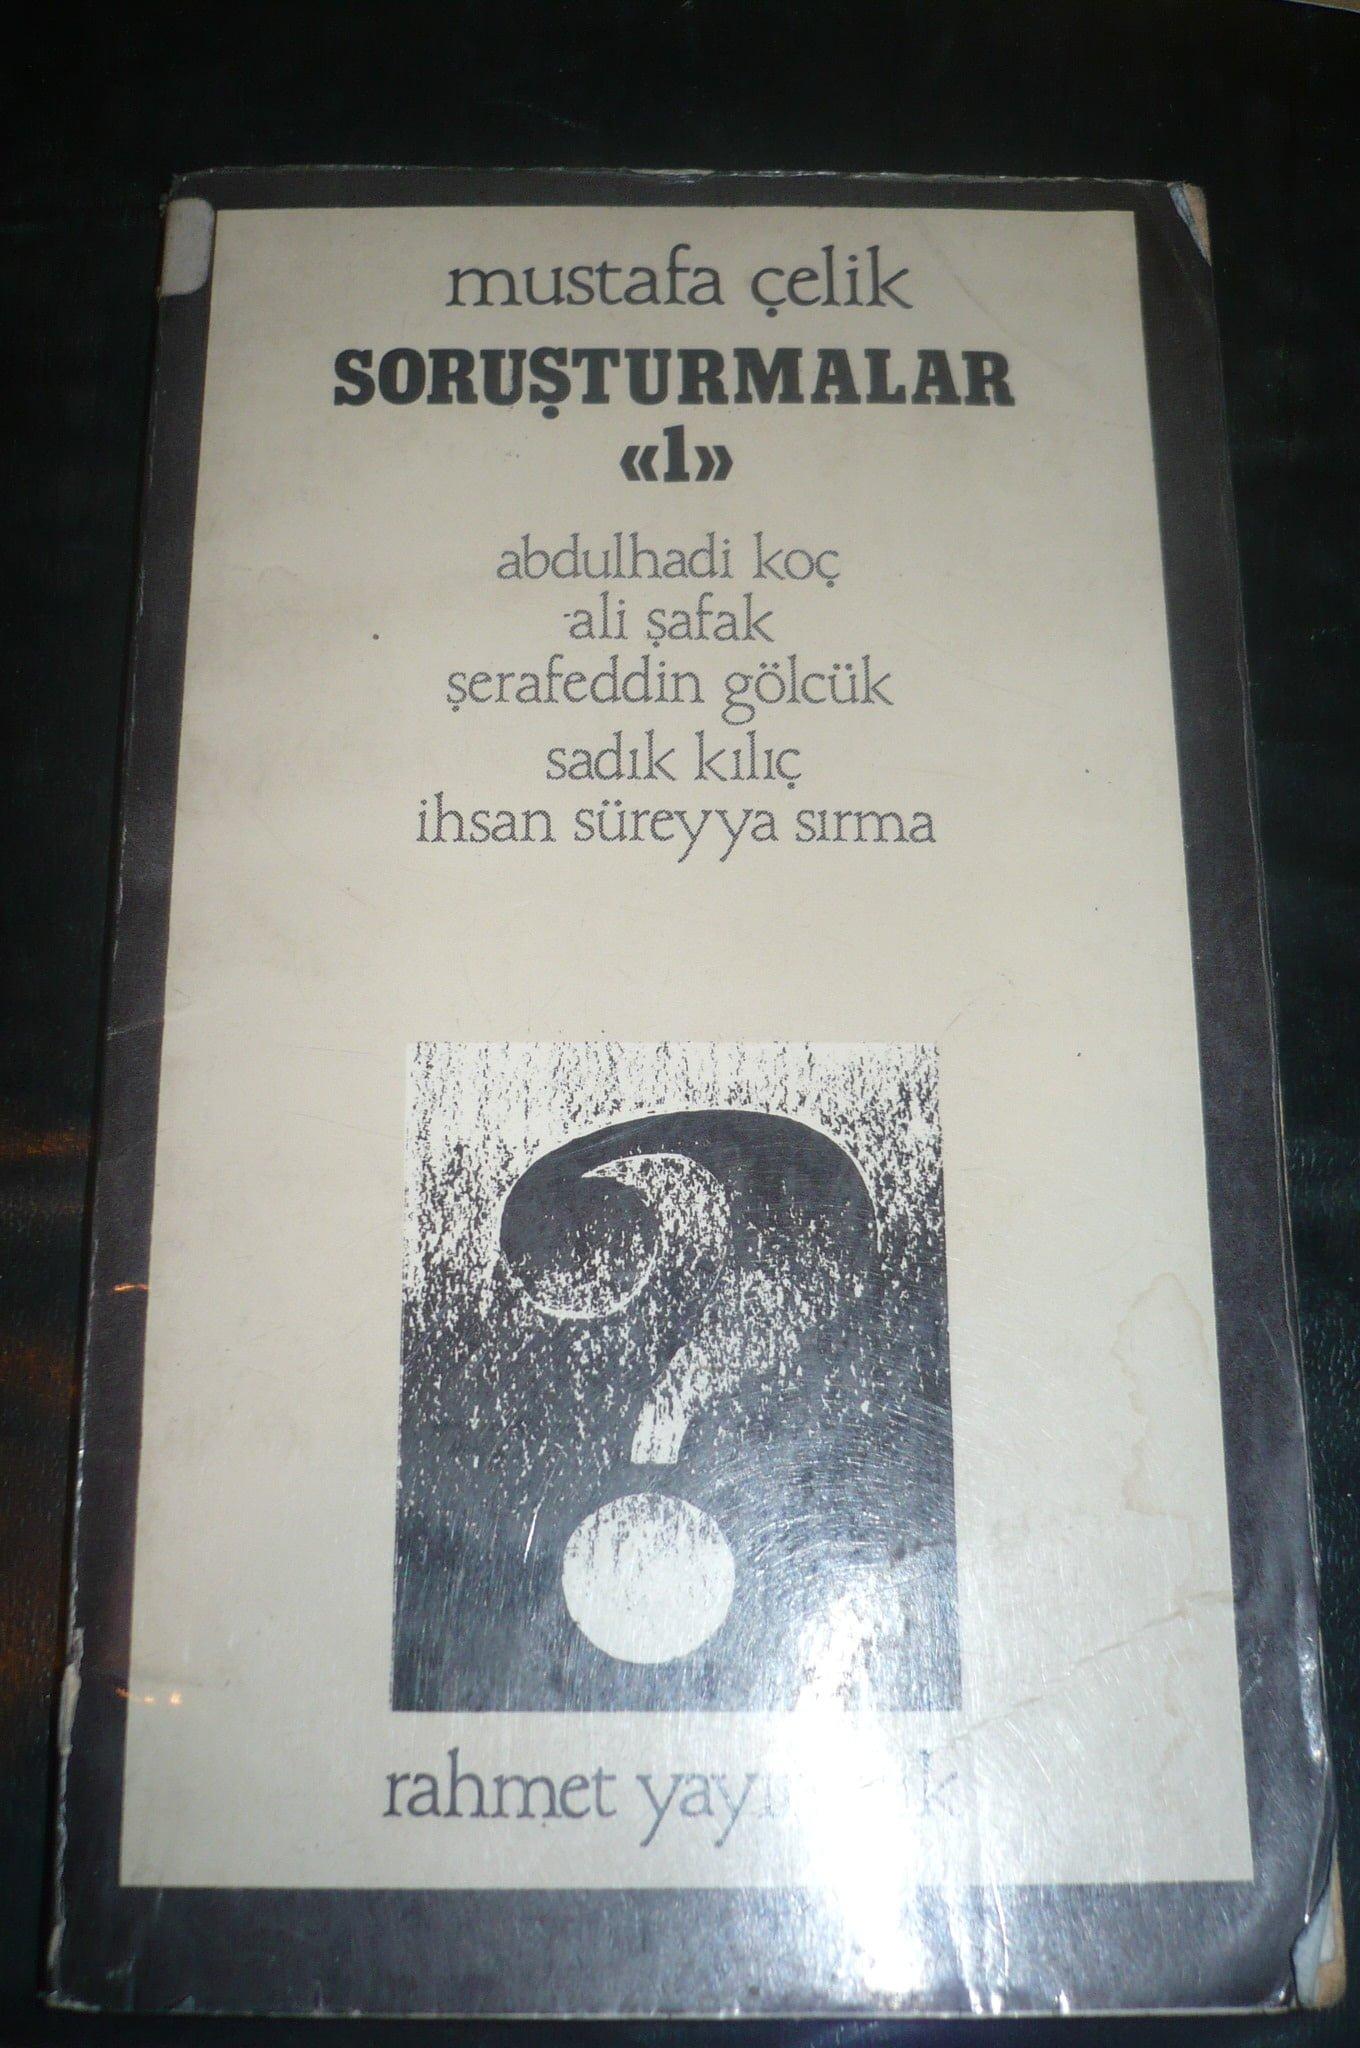 SORUŞTURMALAR 1/Mustafa Çelik/ 10 tl